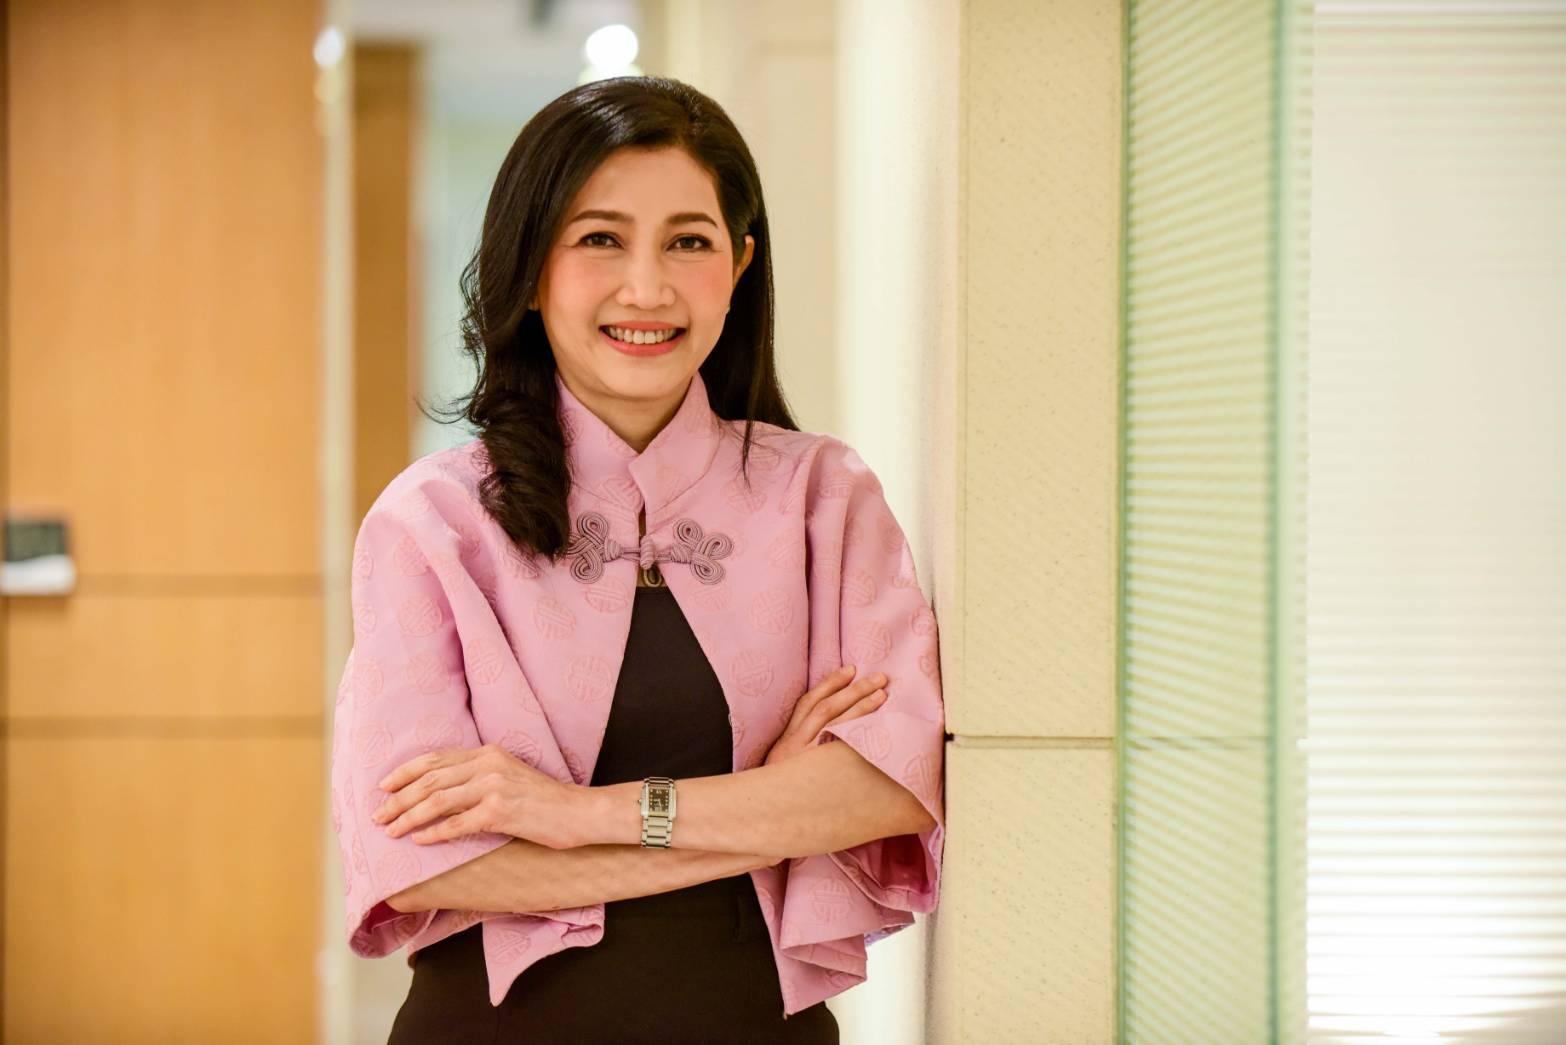 กสิกรไทยแจ้งปี 62 กำไร 38,727 ล้าน เพิ่มขึ้น 0.7% รายได้ค่าฟียังชะลอ